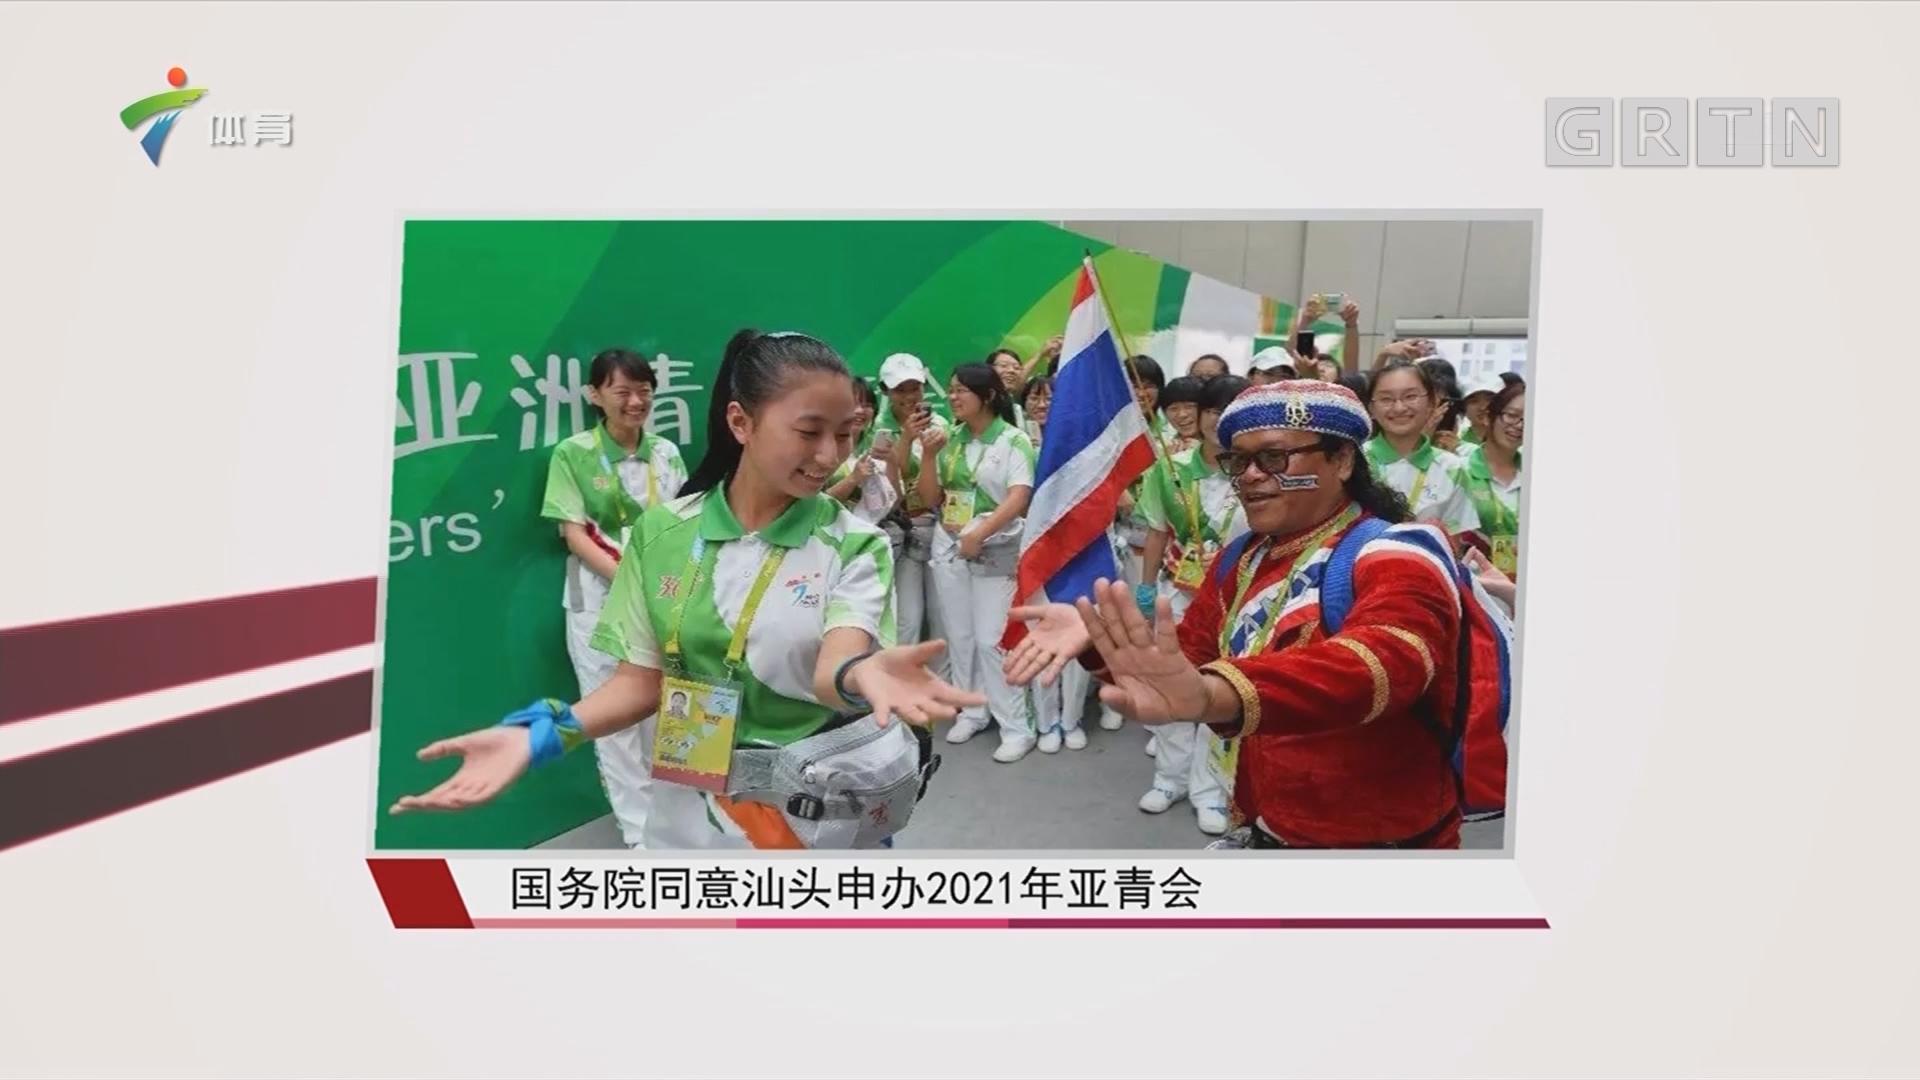 国务院同意汕头申办2021年亚青会